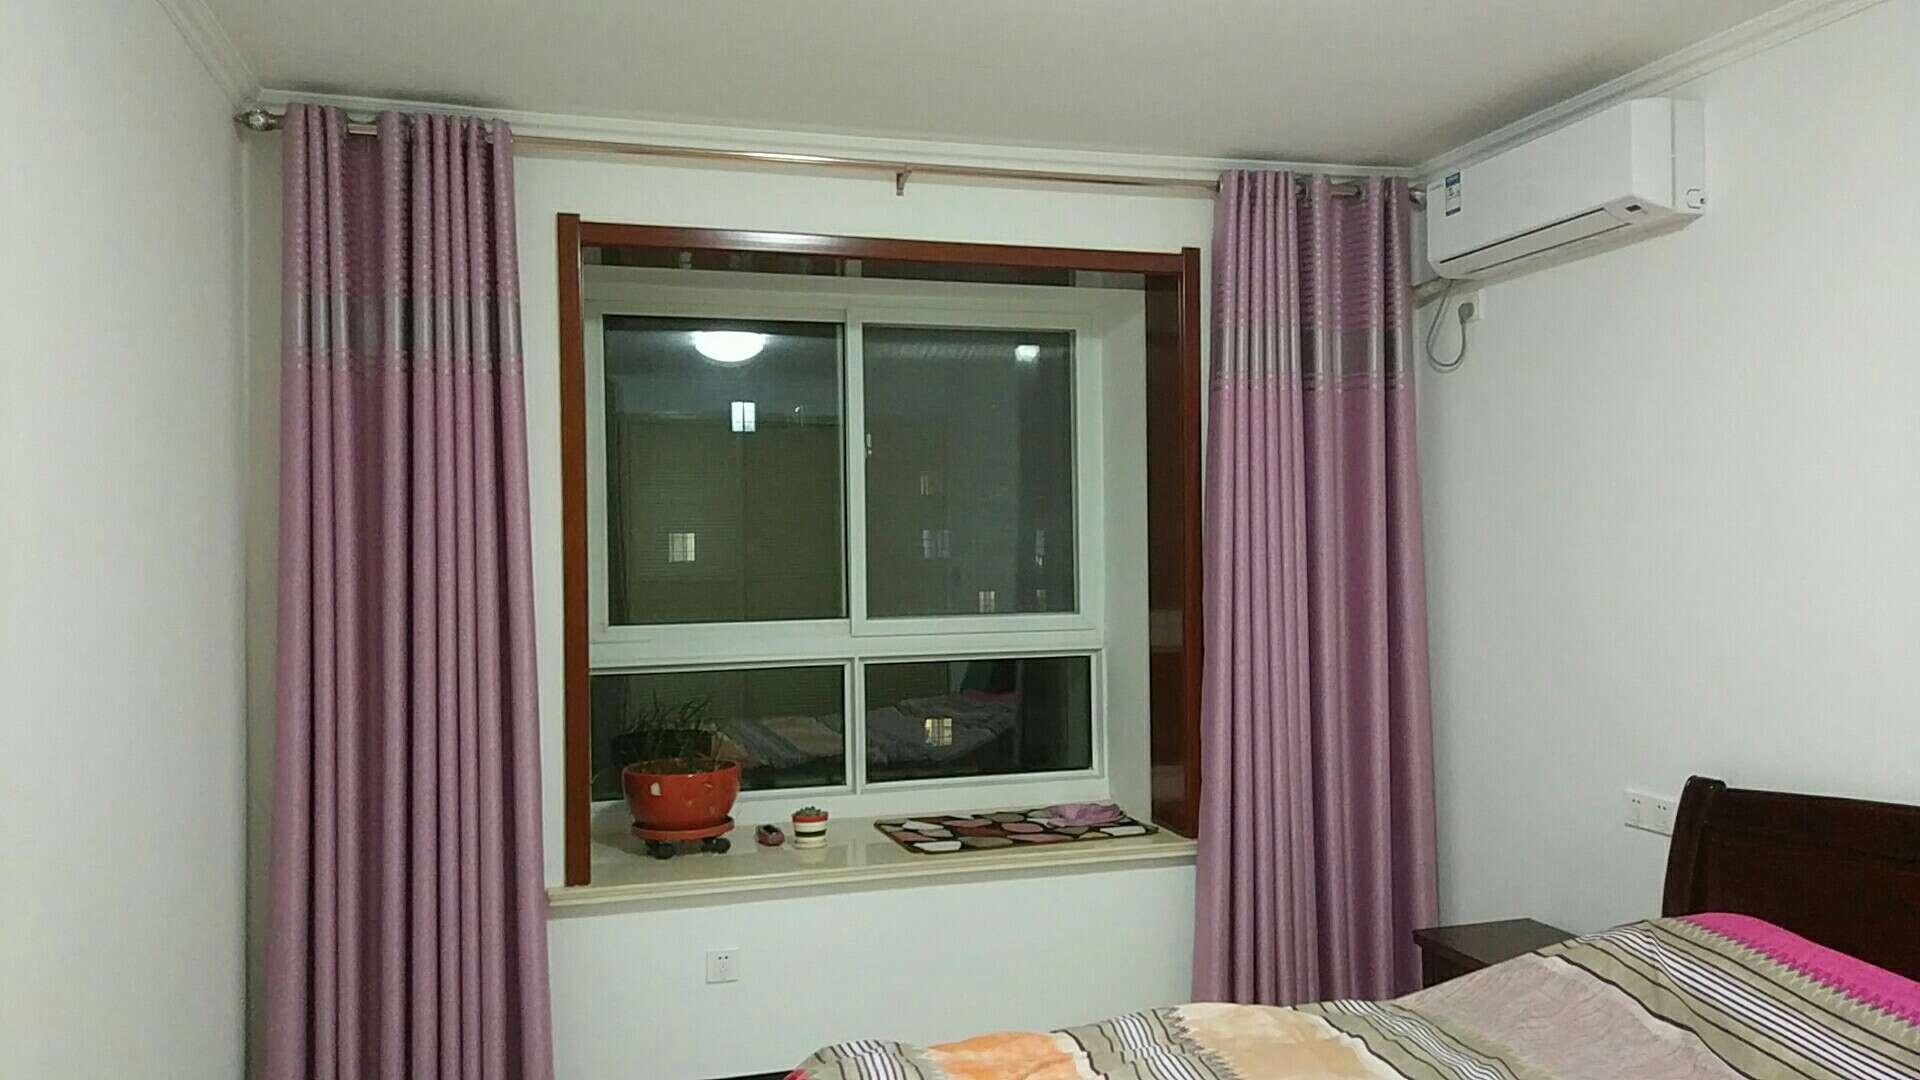 地暖房,学区房,精装修,三室两厅一卫